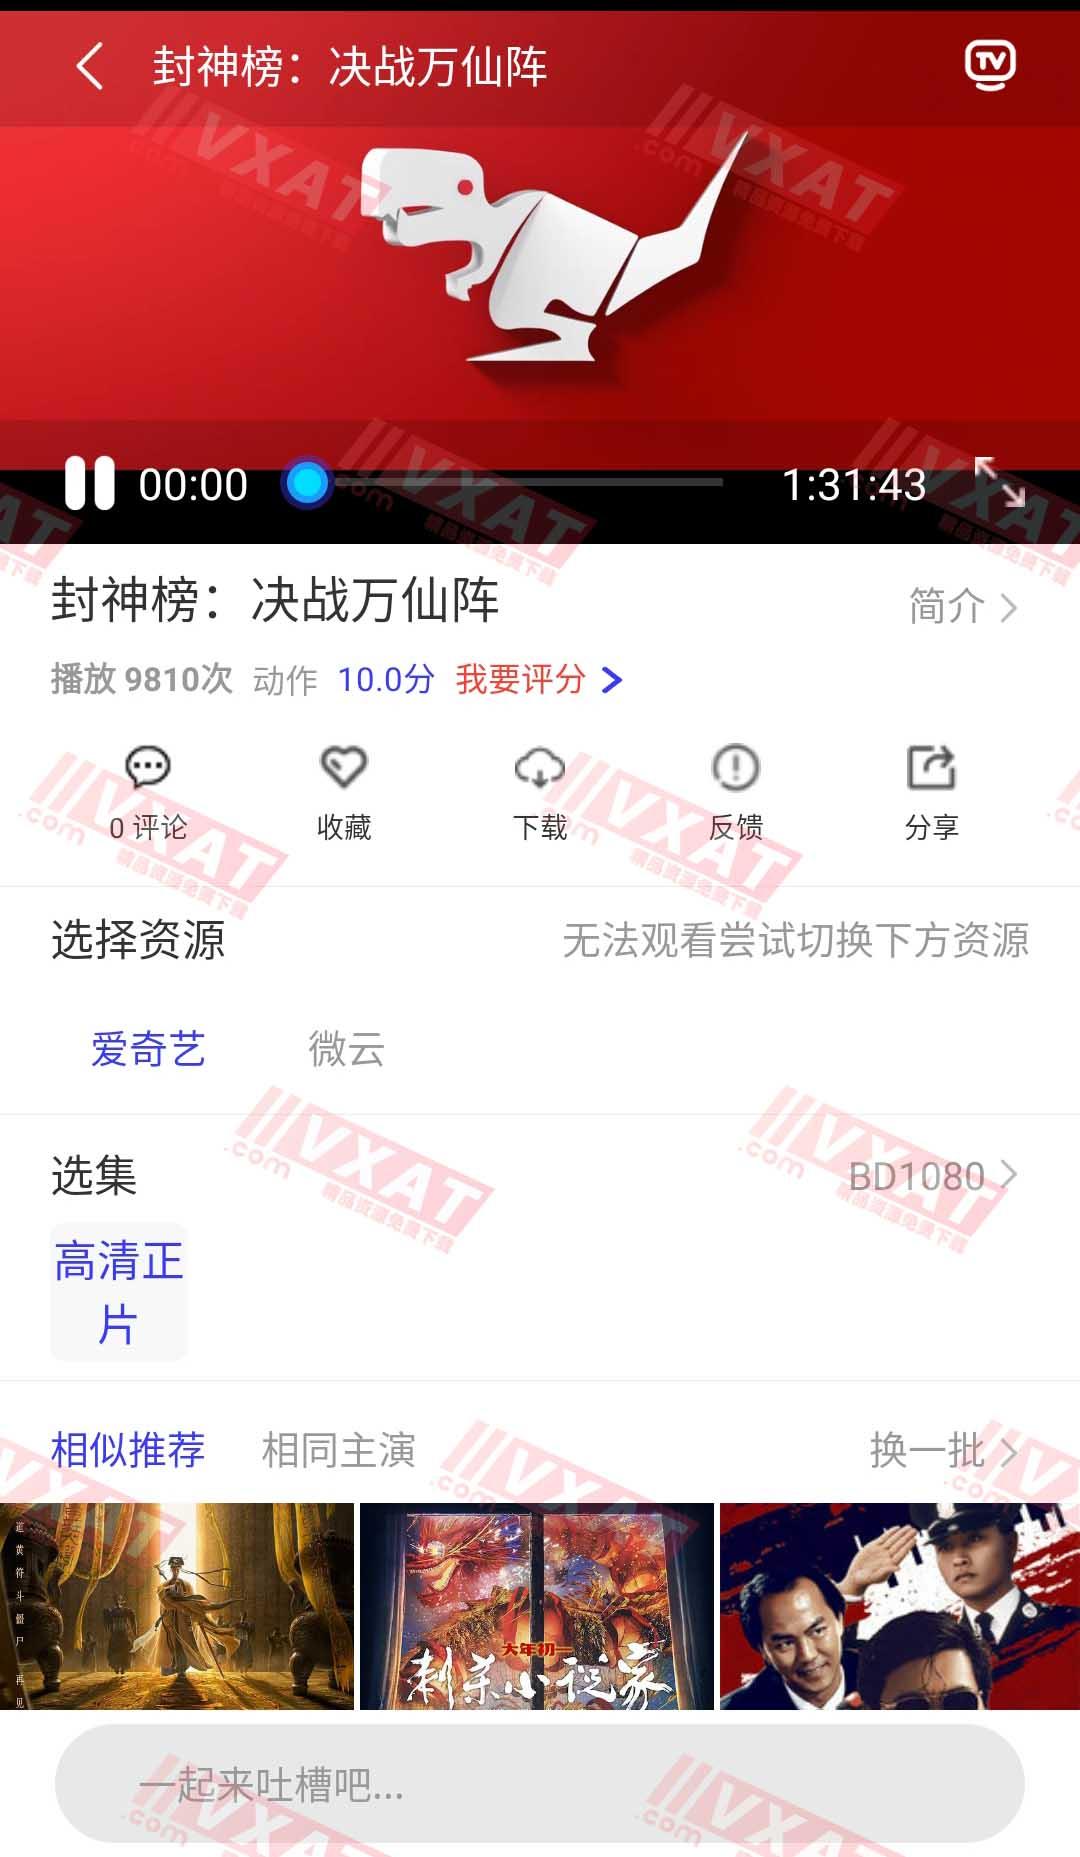 蓝鲸视界 v4.2.4 去广告破播放次数版 第2张